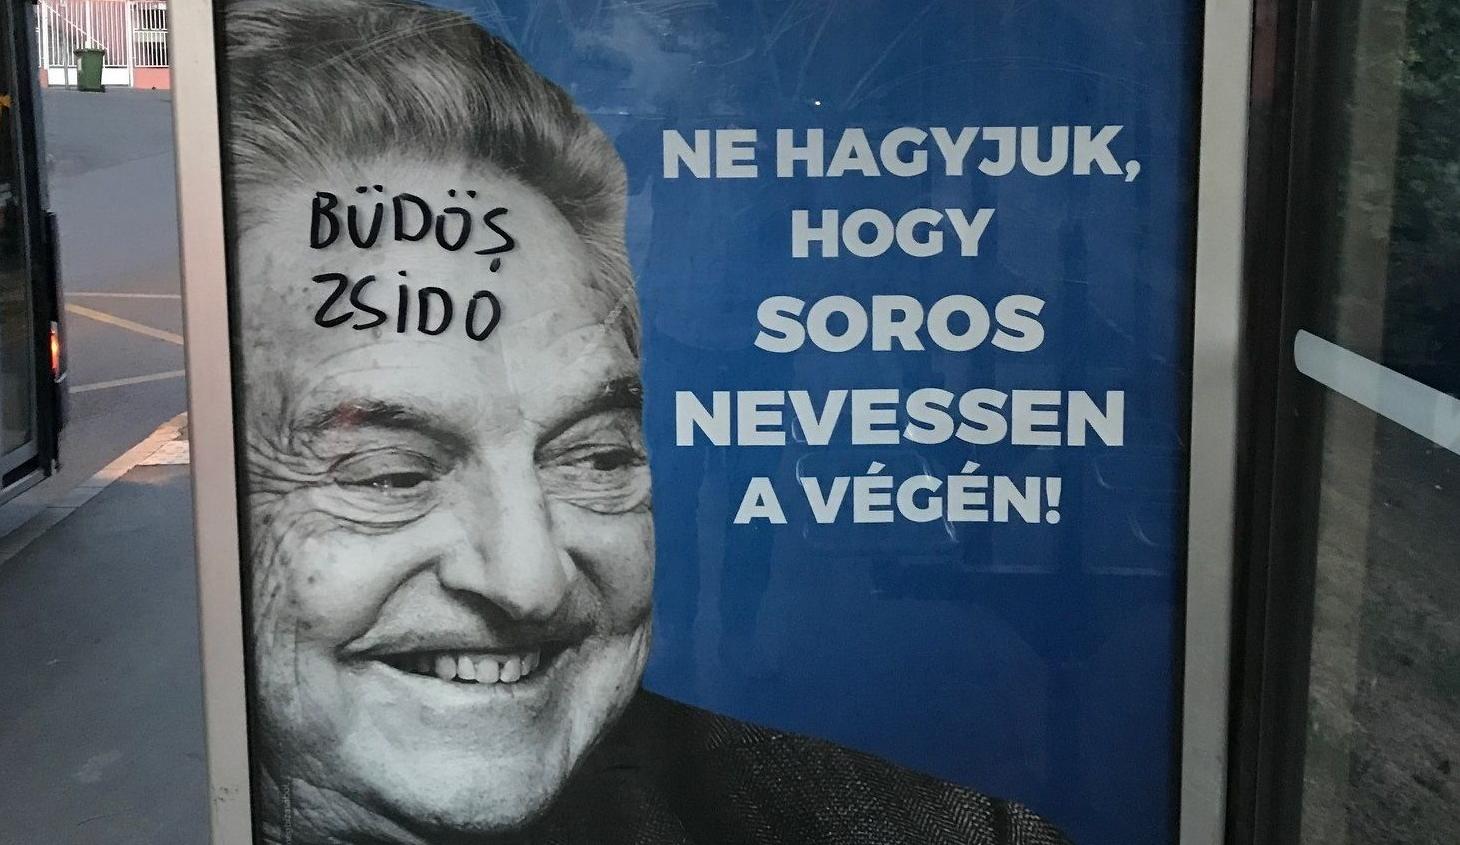 A kormány Soros elleni kampányának egyik karmestere azt állítja, nem is tudta, hogy Soros György zsidó származású